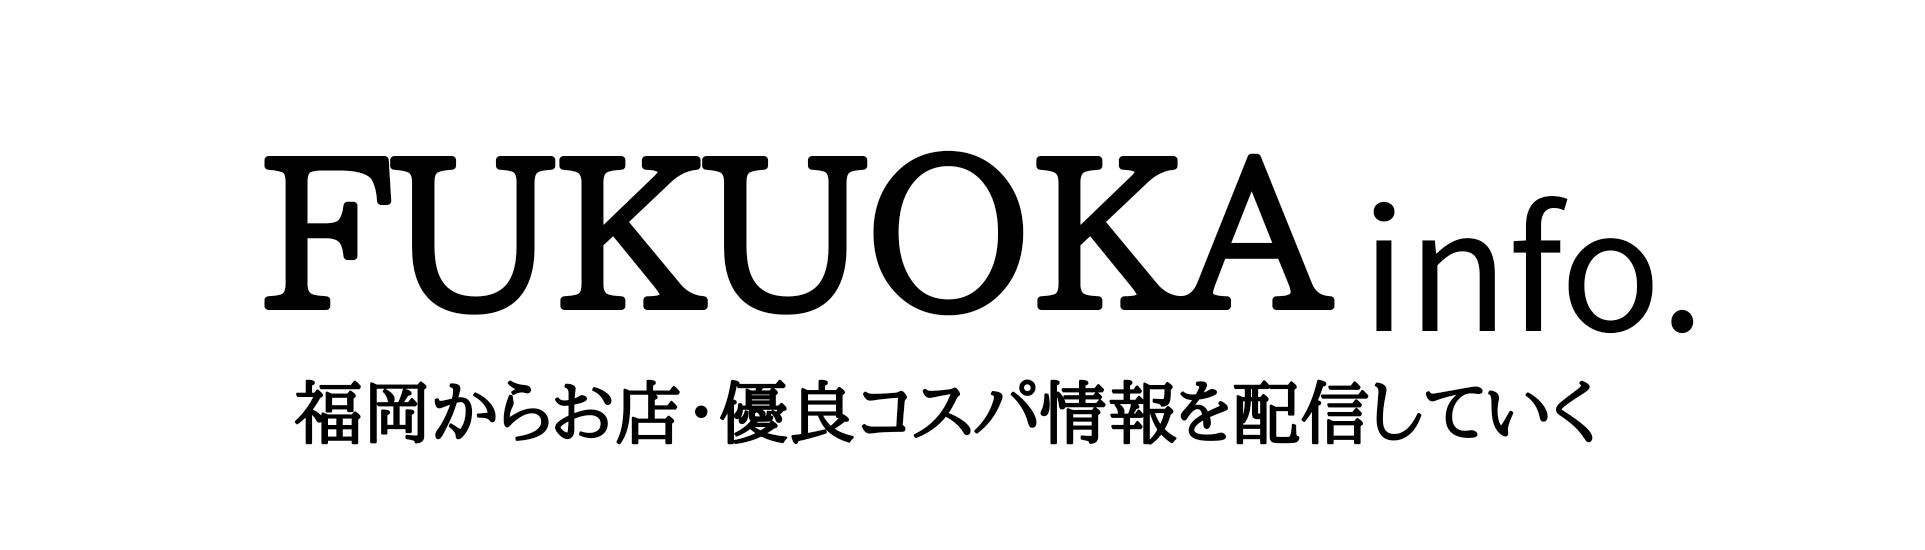 FUKUOKAinfo.